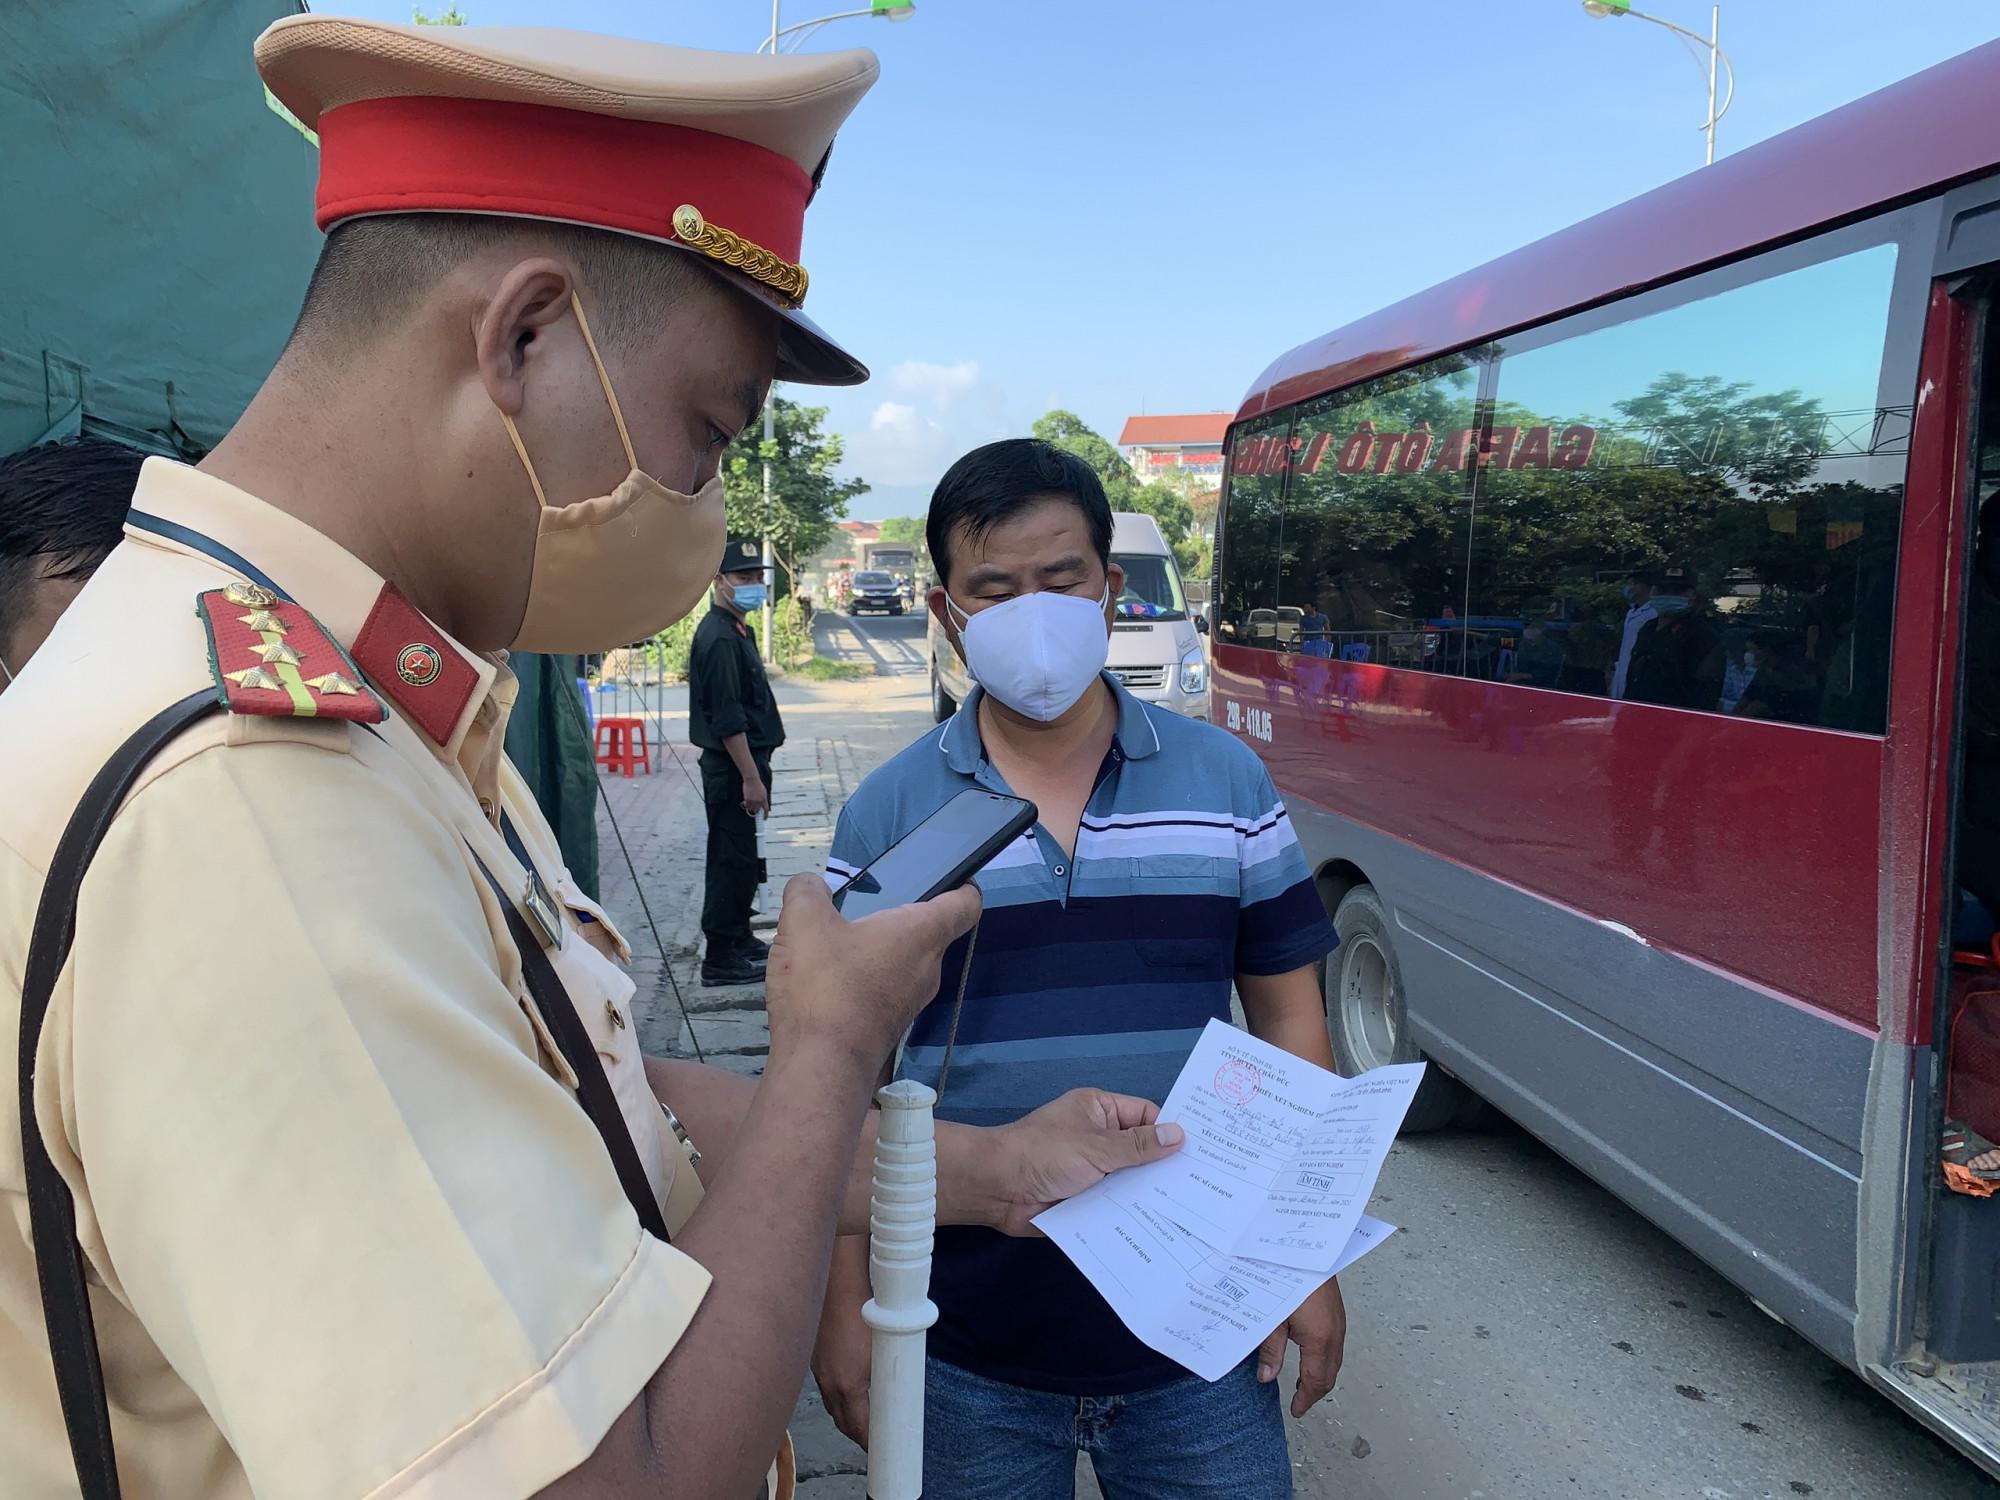 Lực lượng chức năng kiểm tra các phương tiện tại cửa ngõ Hà Nội